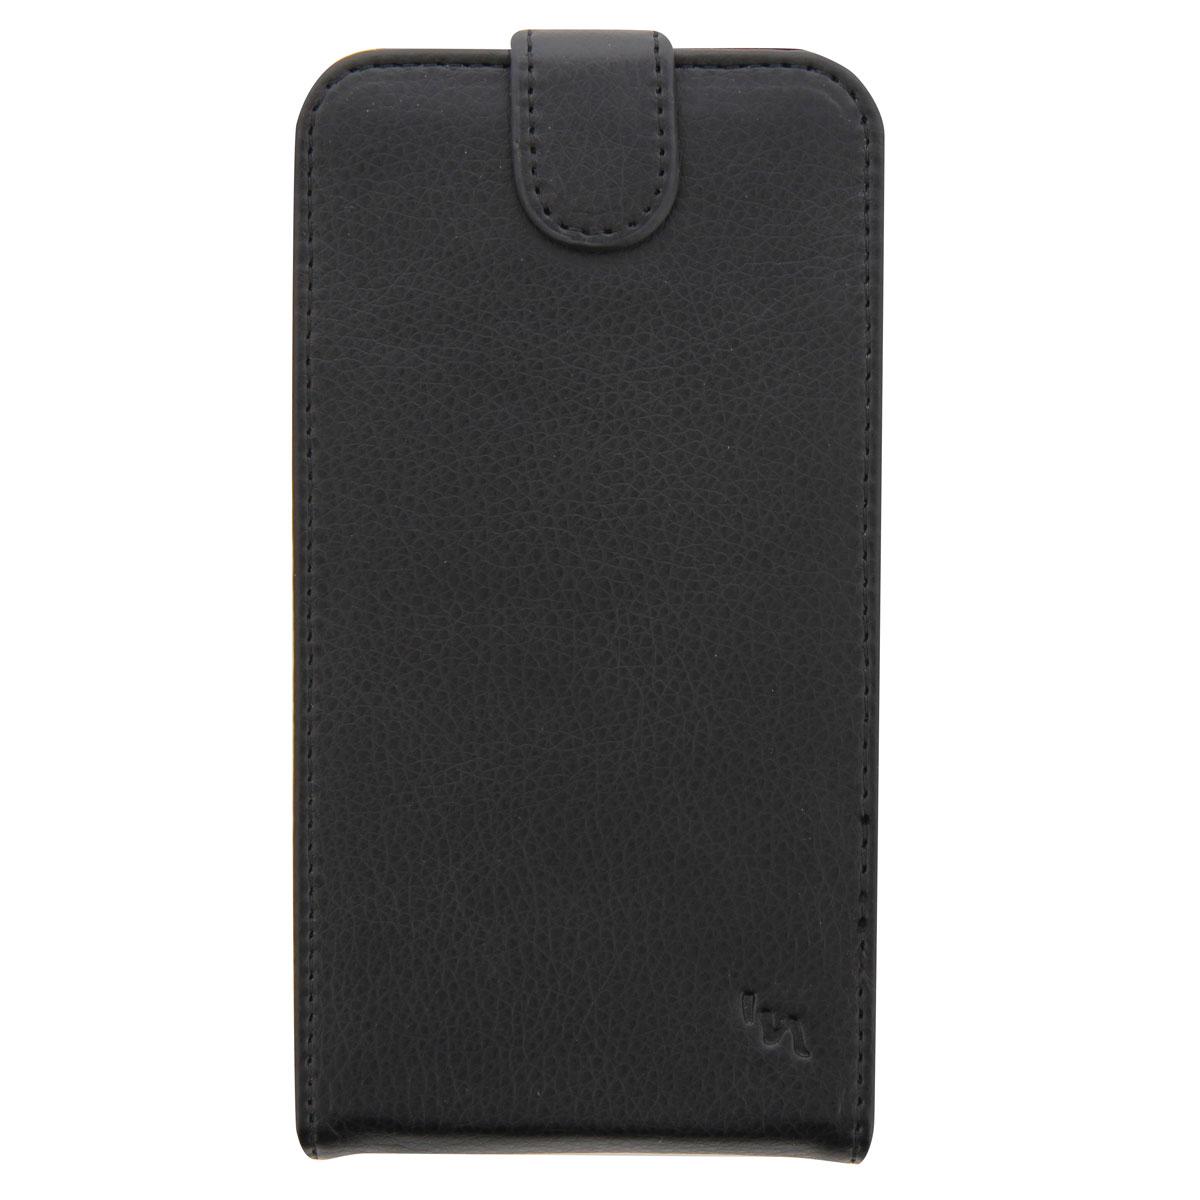 TNB UPFLAPBKL универсальный чехол для смартфонаUPFLAPBKLУниверсальный чехол TNB UPFLAPBKL для смартфонов с диагональю до 5,7 - это стильный и лаконичный аксессуар, позволяющий сохранить устройство в идеальном состоянии. Надежно удерживая технику, чехол защищает корпус и дисплей от появления царапин, налипания пыли. Имеет свободный доступ ко всем разъемам устройства.